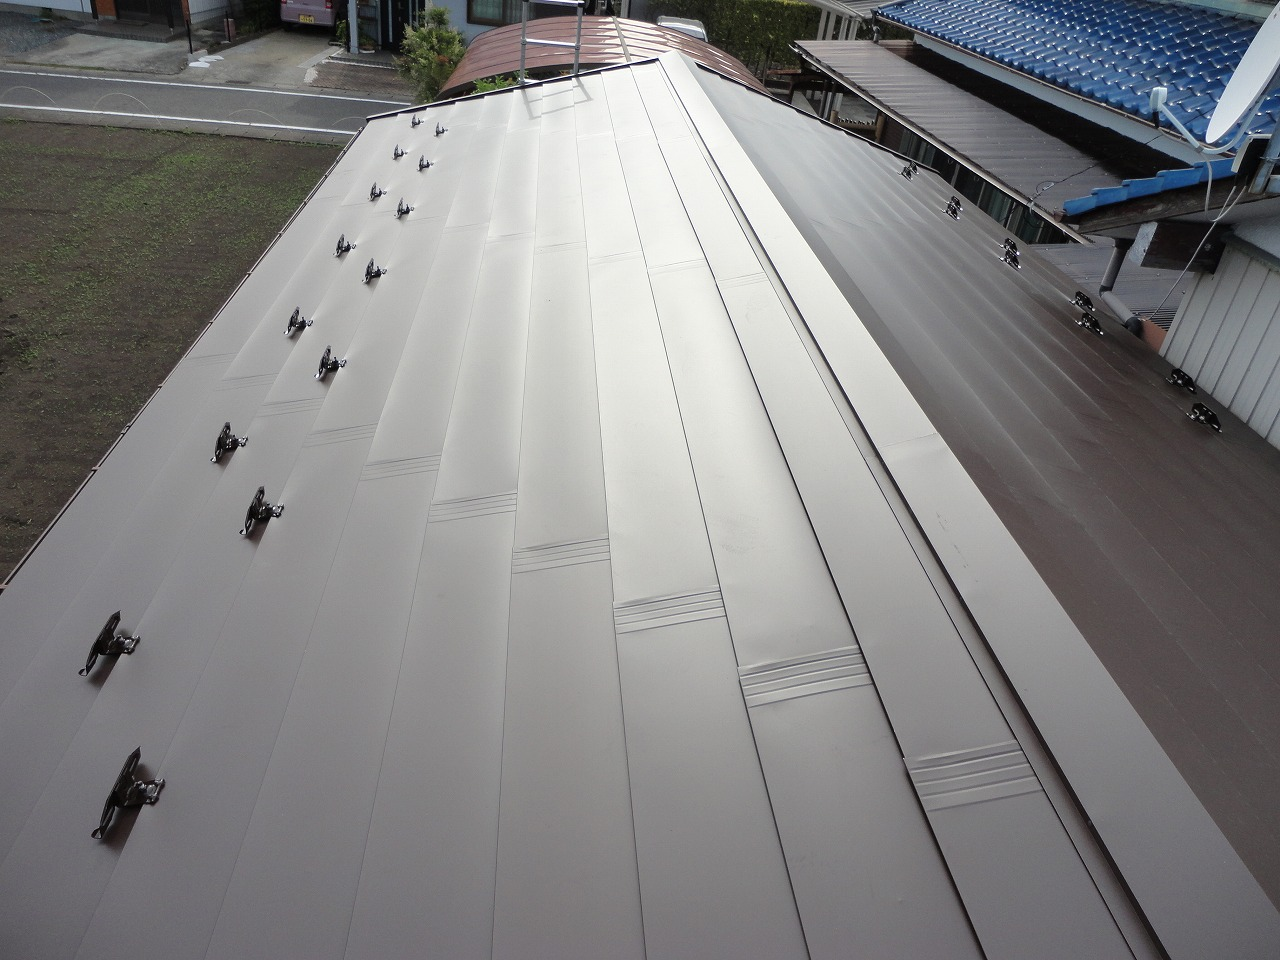 台風の影響で破損のひどかった屋根は、カバー工法によってきれいになり、雨漏りの心配もなくなりました。 またテラスの破損等もなおり、喜んでいただけたことと思います。